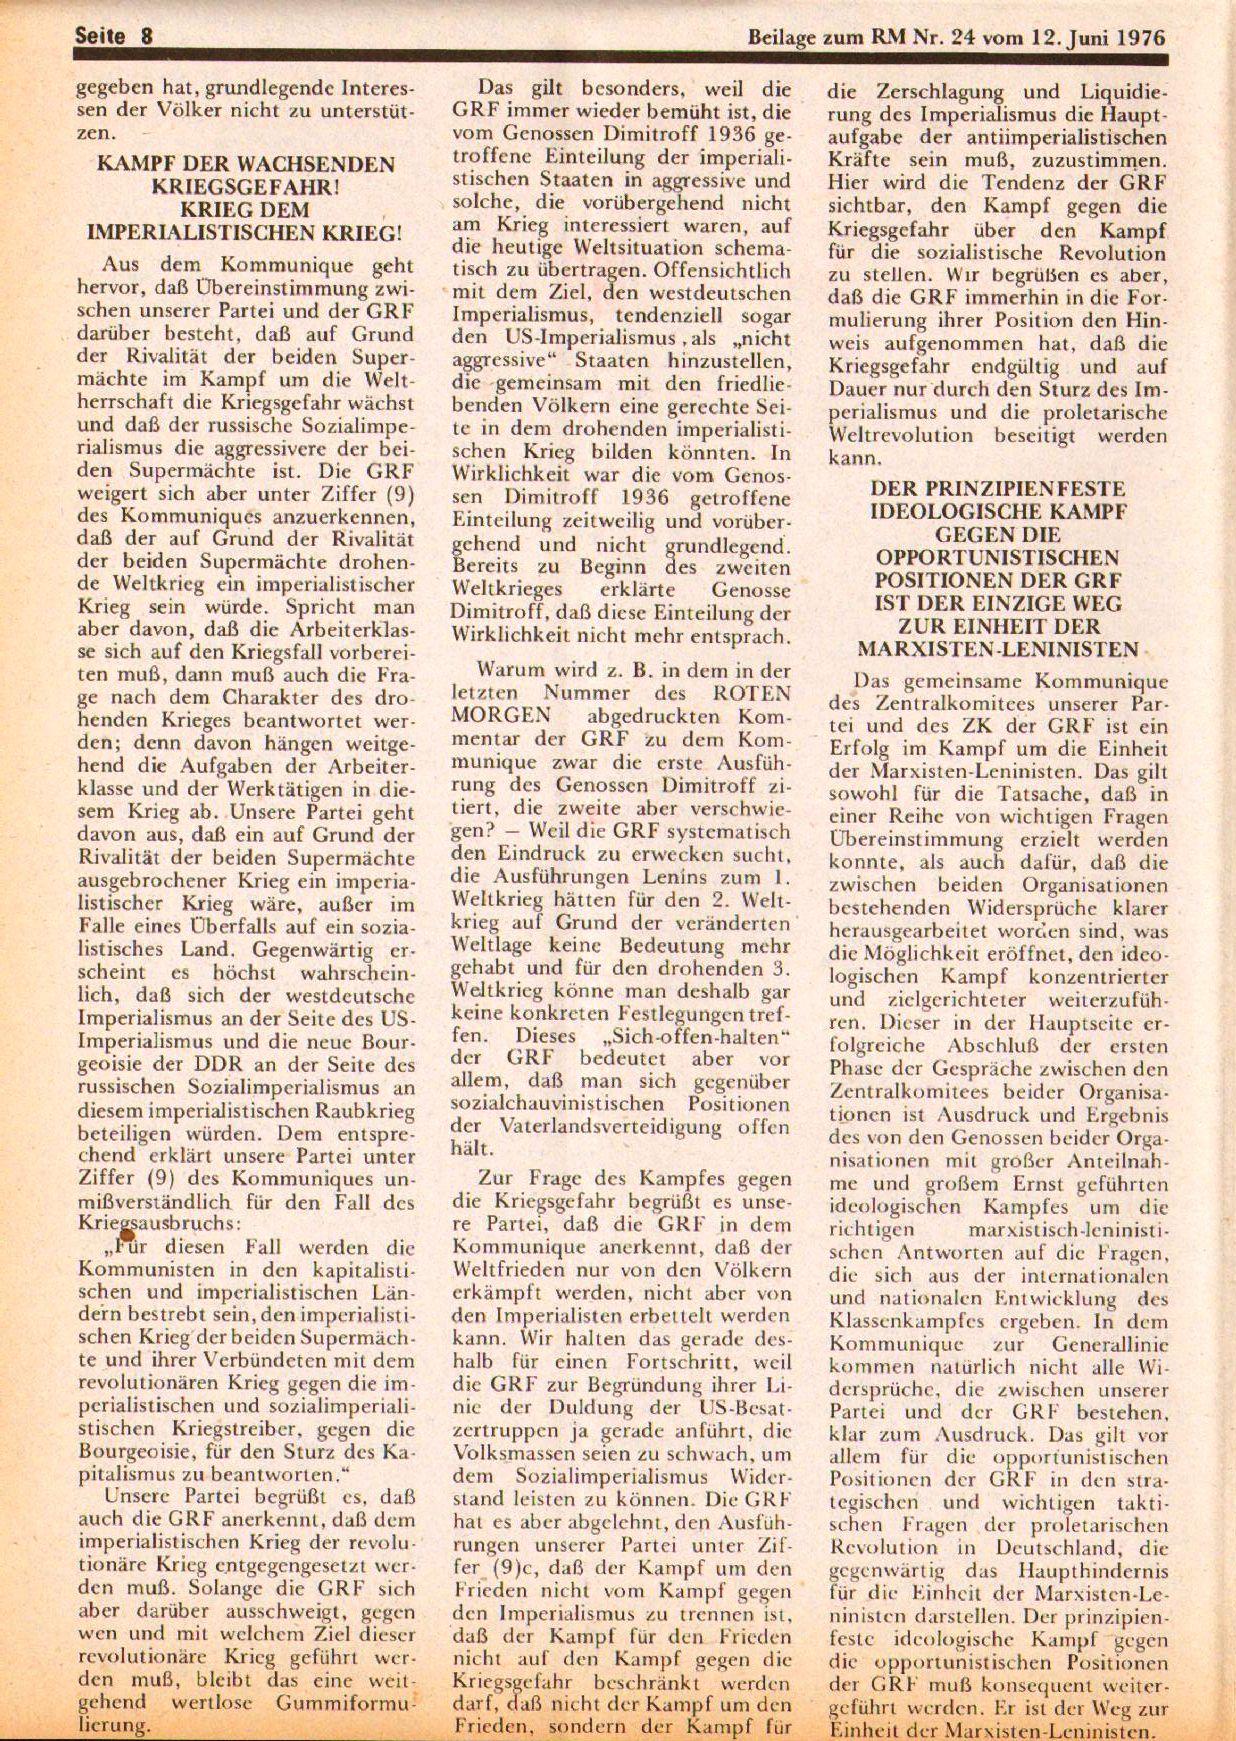 Roter Morgen, 10. Jg., 12. Juni 1976, Beilage: Zum Kommumique, Seite 8